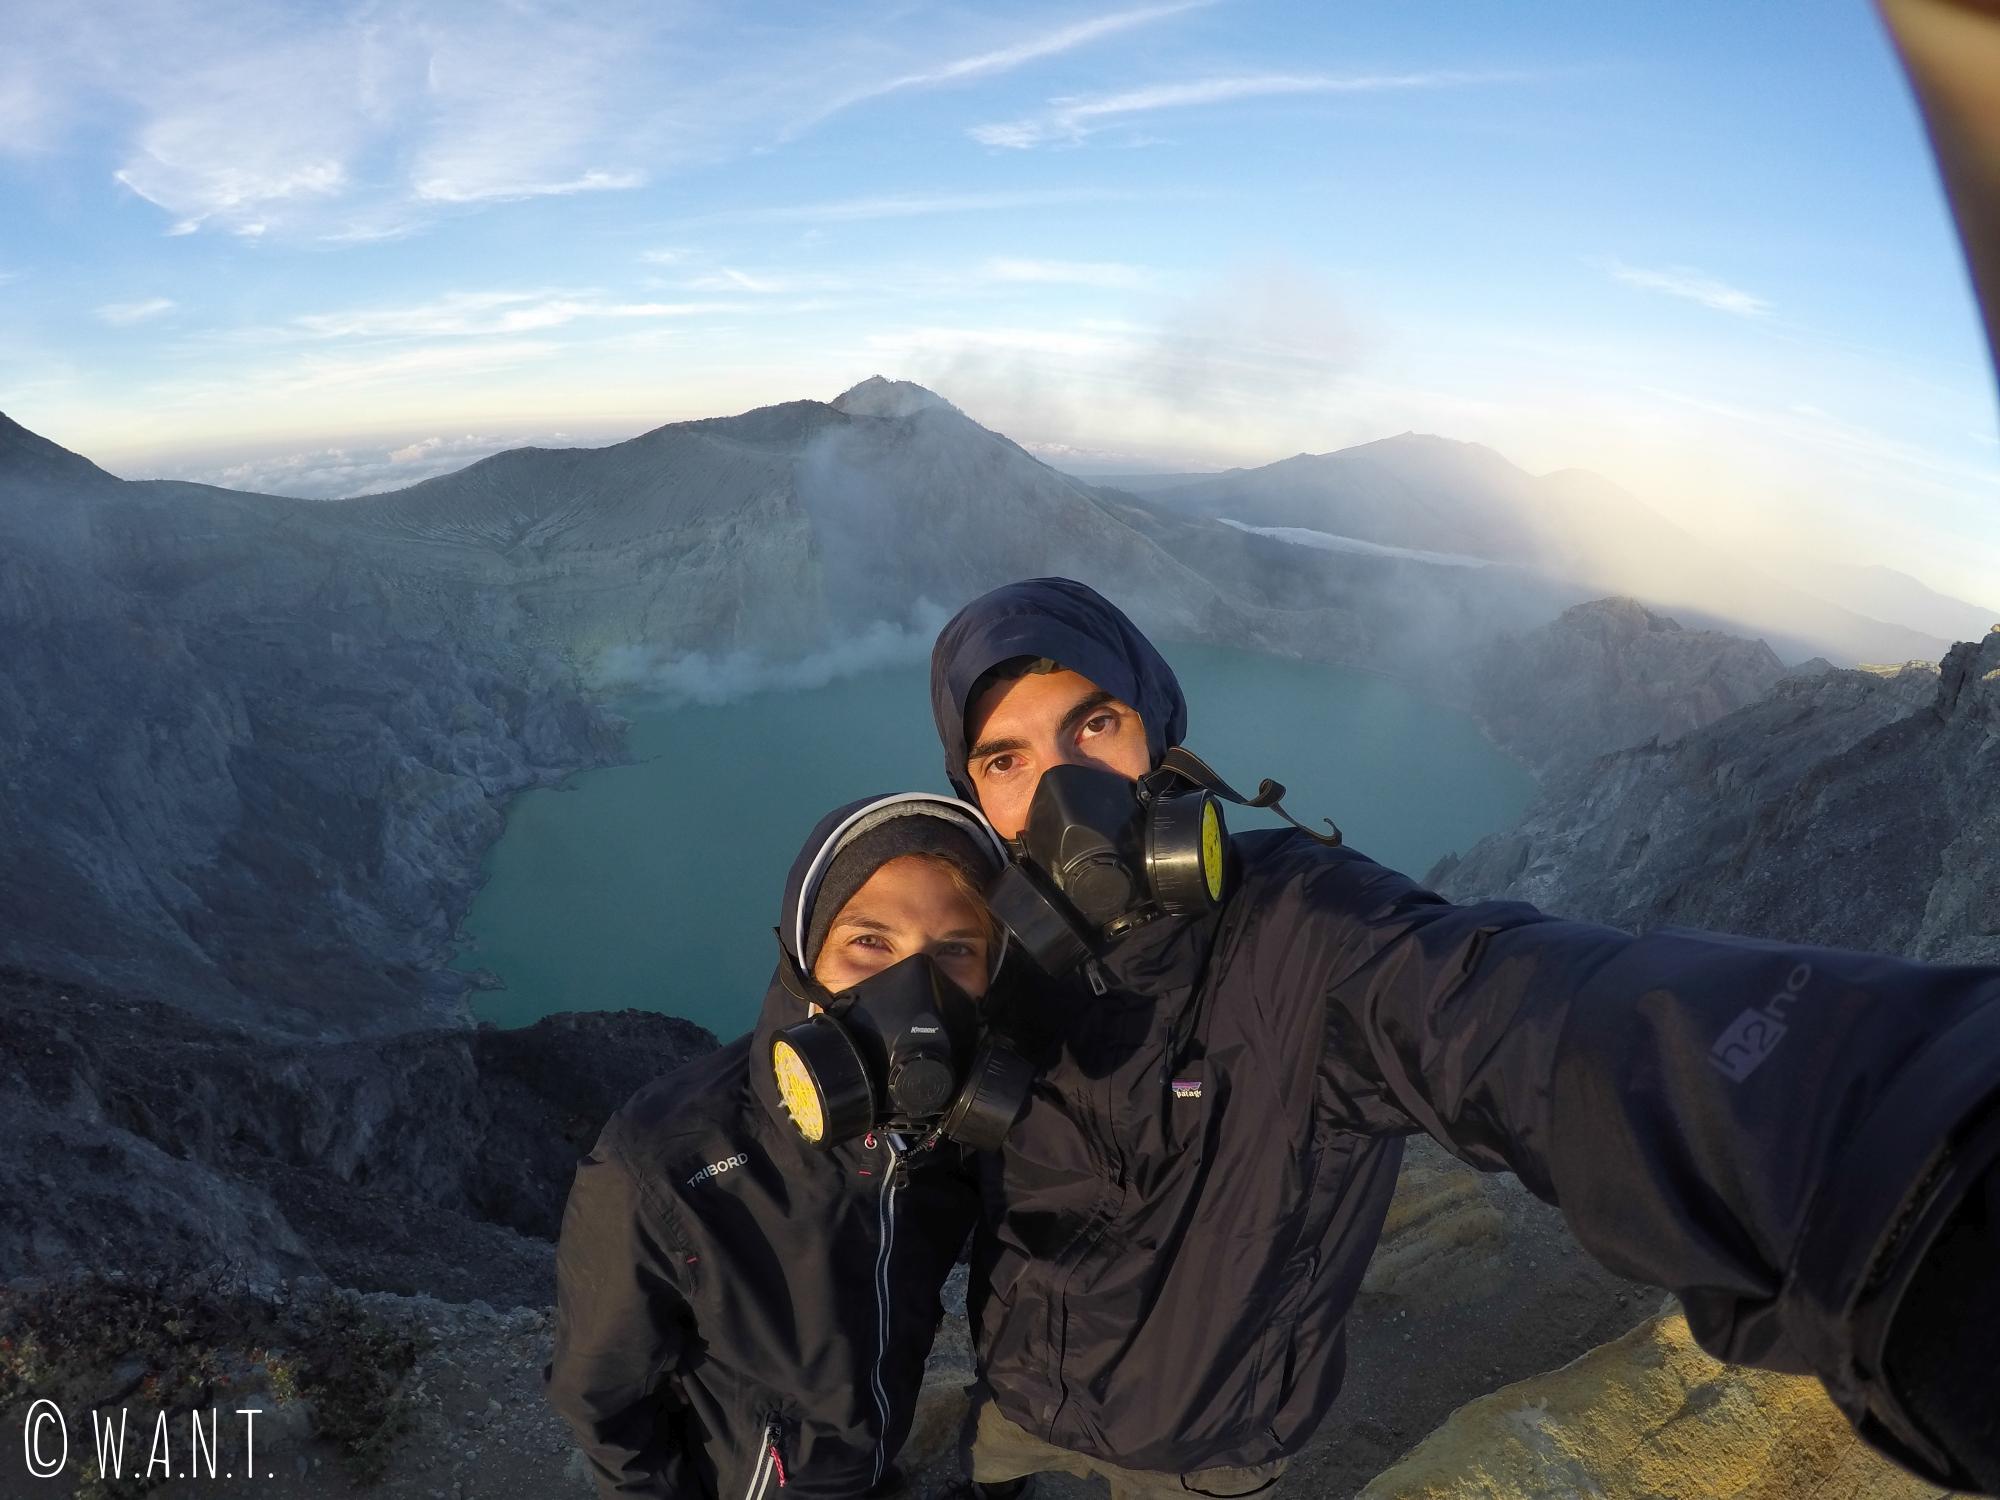 Selfie avec le cratère du Kawah Ijen en arrière-plan